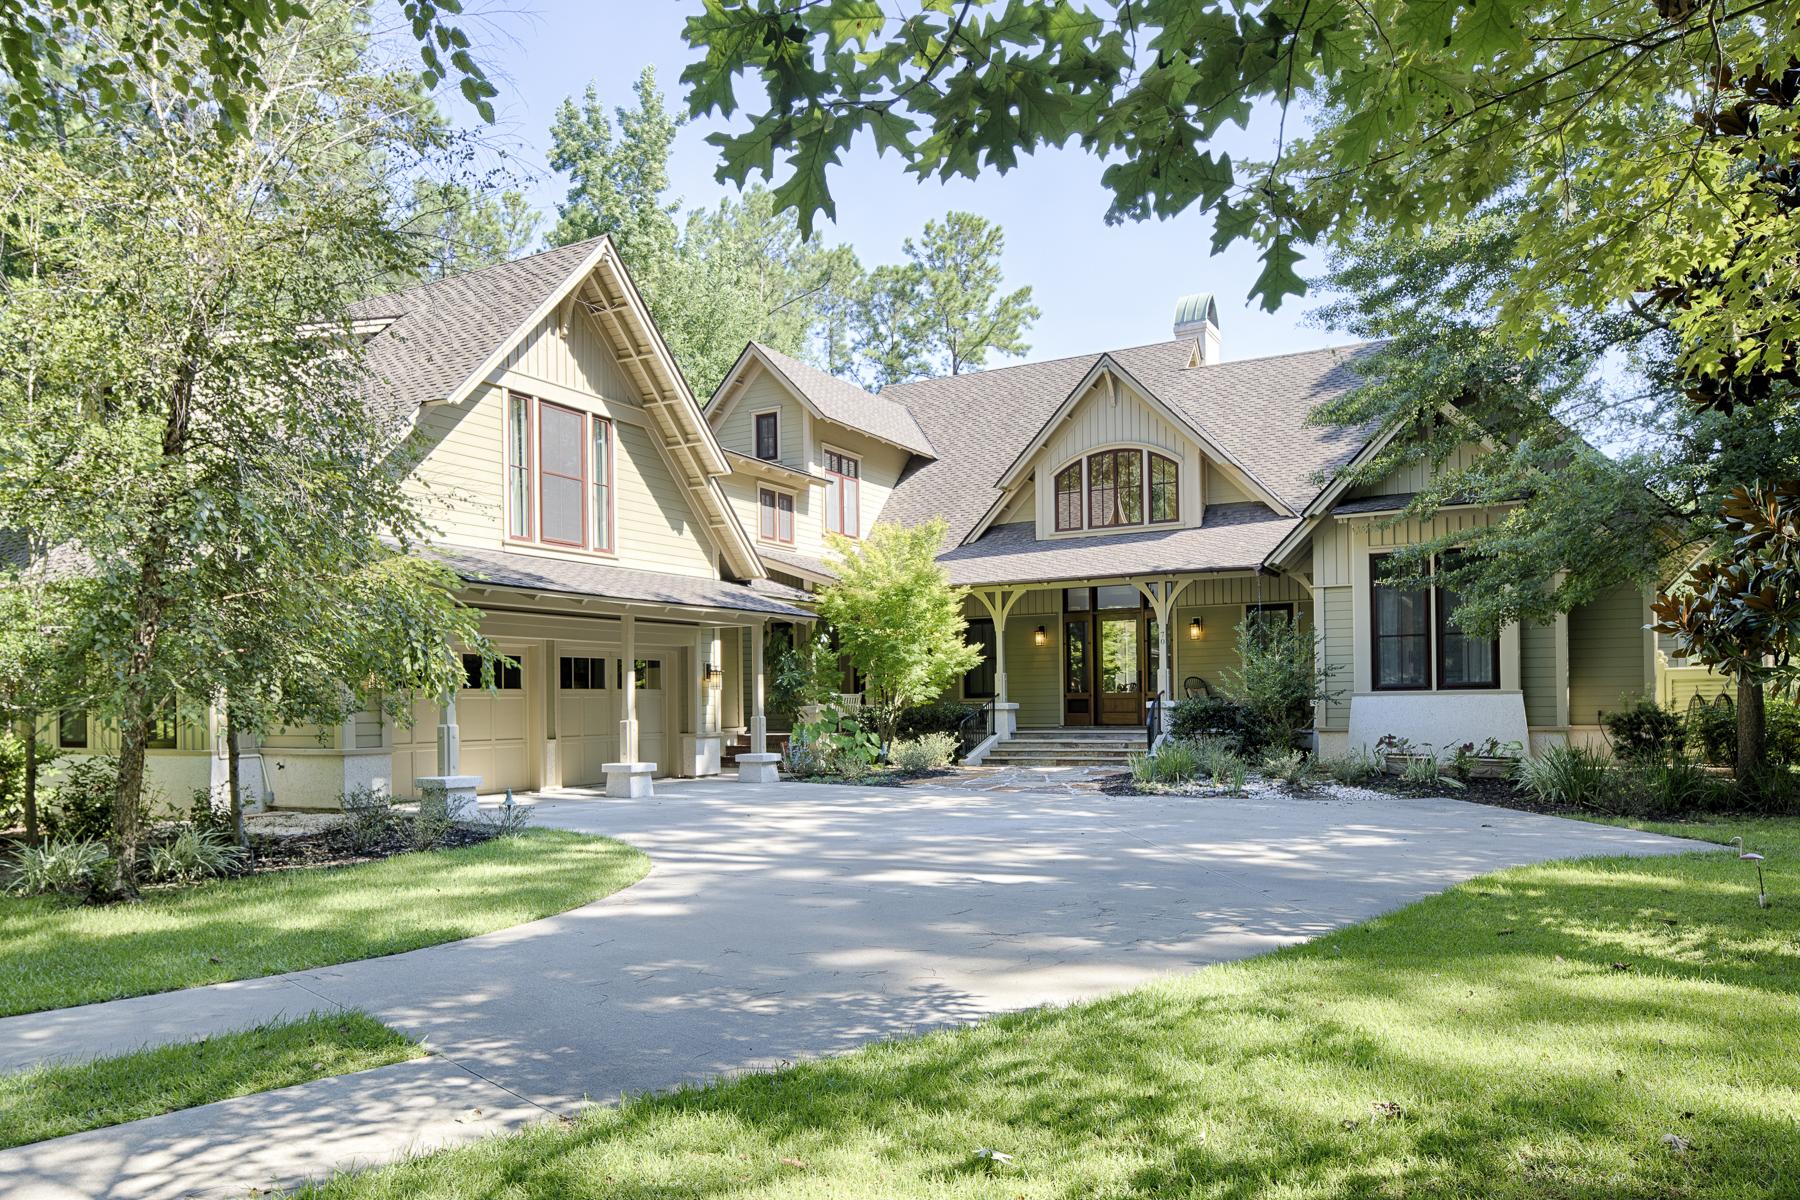 단독 가정 주택 용 매매 에 70 Trout Hole Rd 70 Trout Hole Road Bluffton, 사우스캐놀라이나, 29910 미국